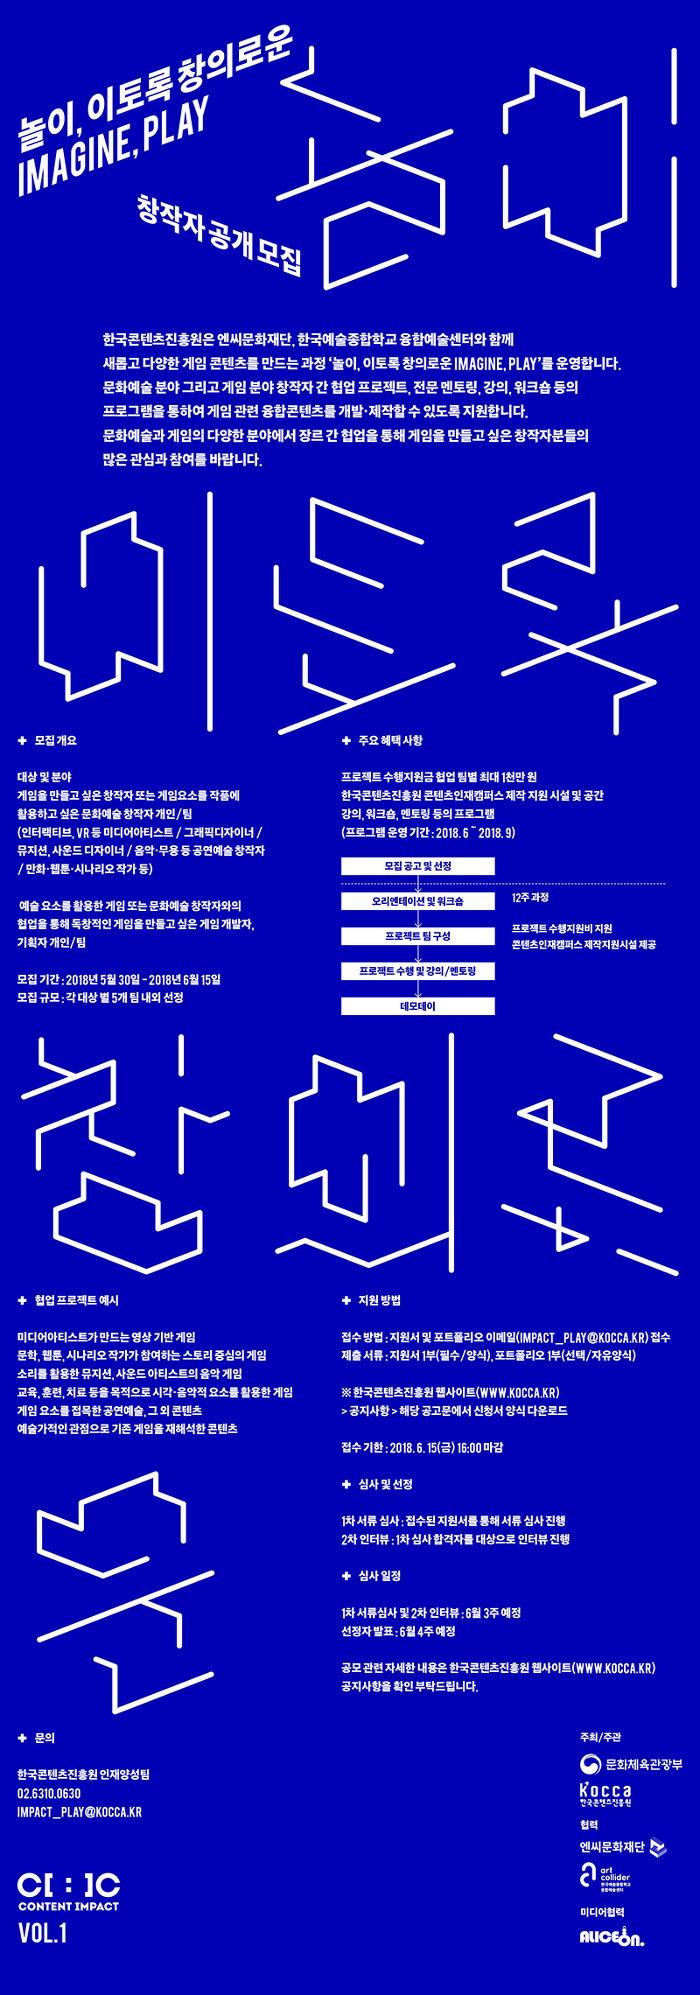 2018년 콘텐츠 장르별 문화기술 전문 인력양성 창의랩 (게임X예술) '놀이, 이토록 창의로운 Imagine, Play'창작자 공개 모집